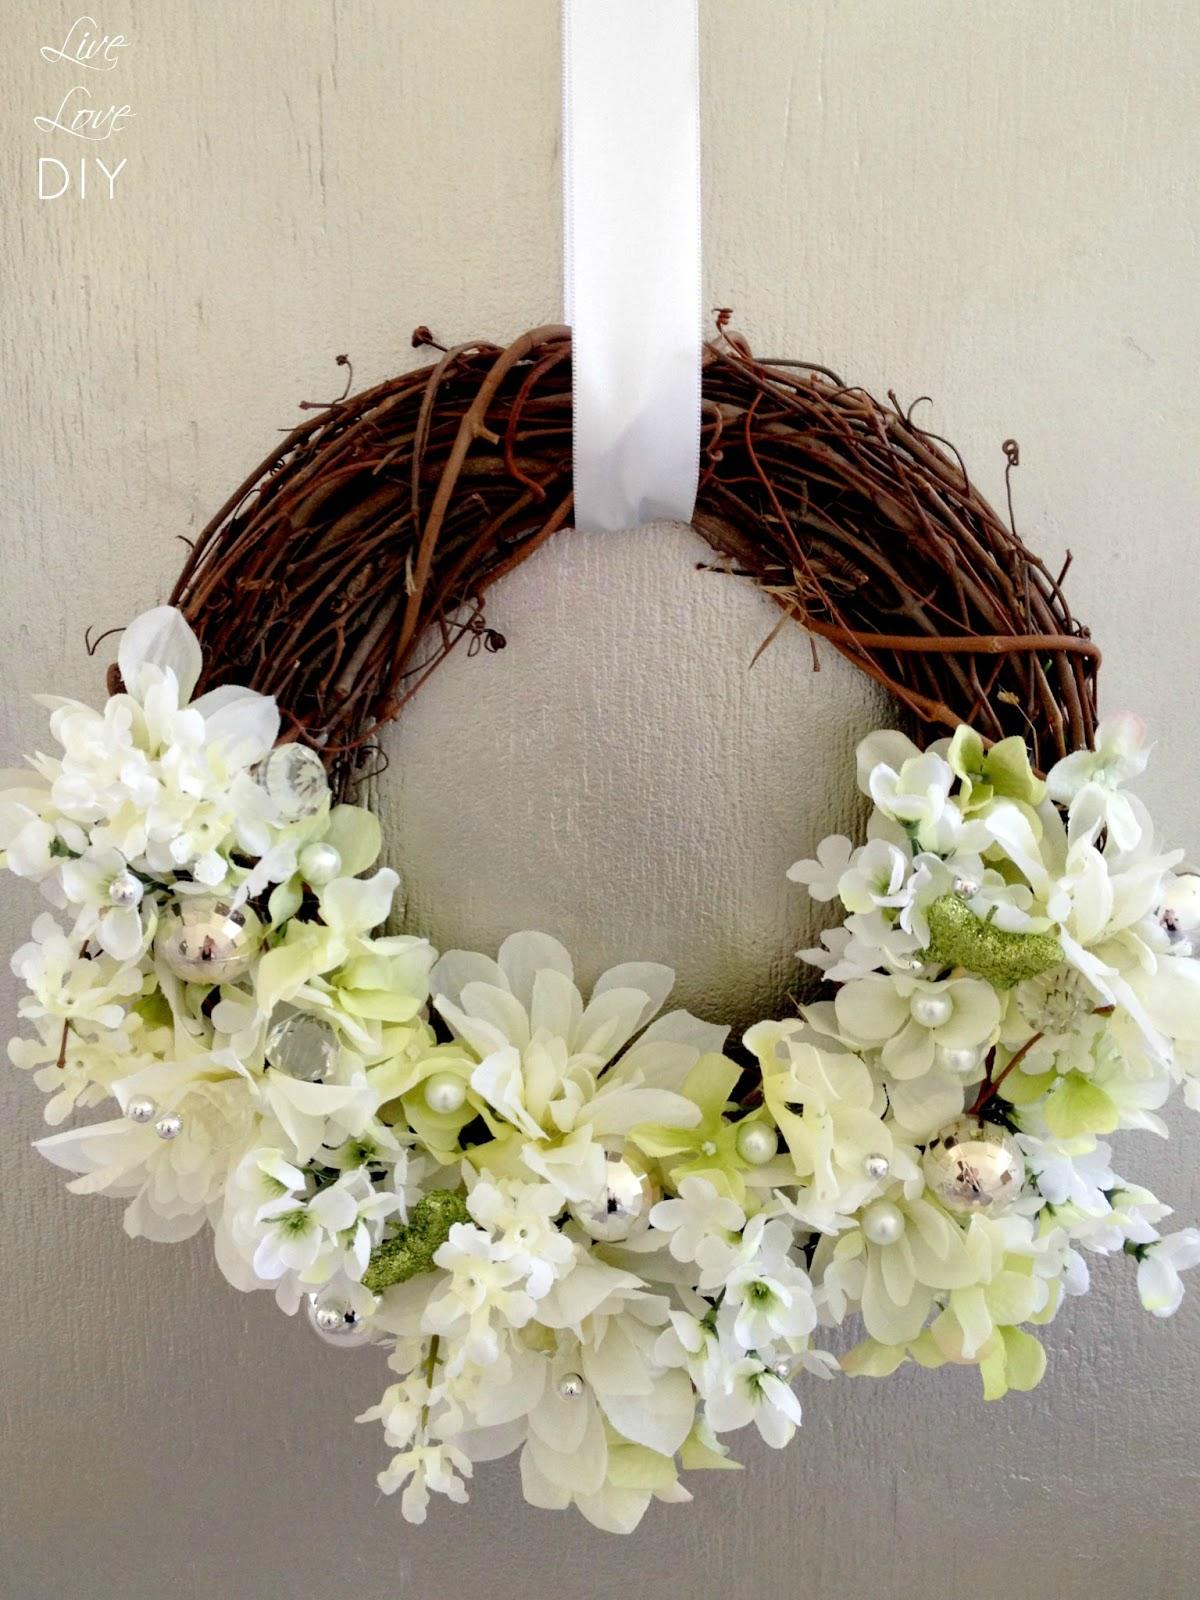 3a8114589 LiveLoveDIY: DIY Flower Wreath